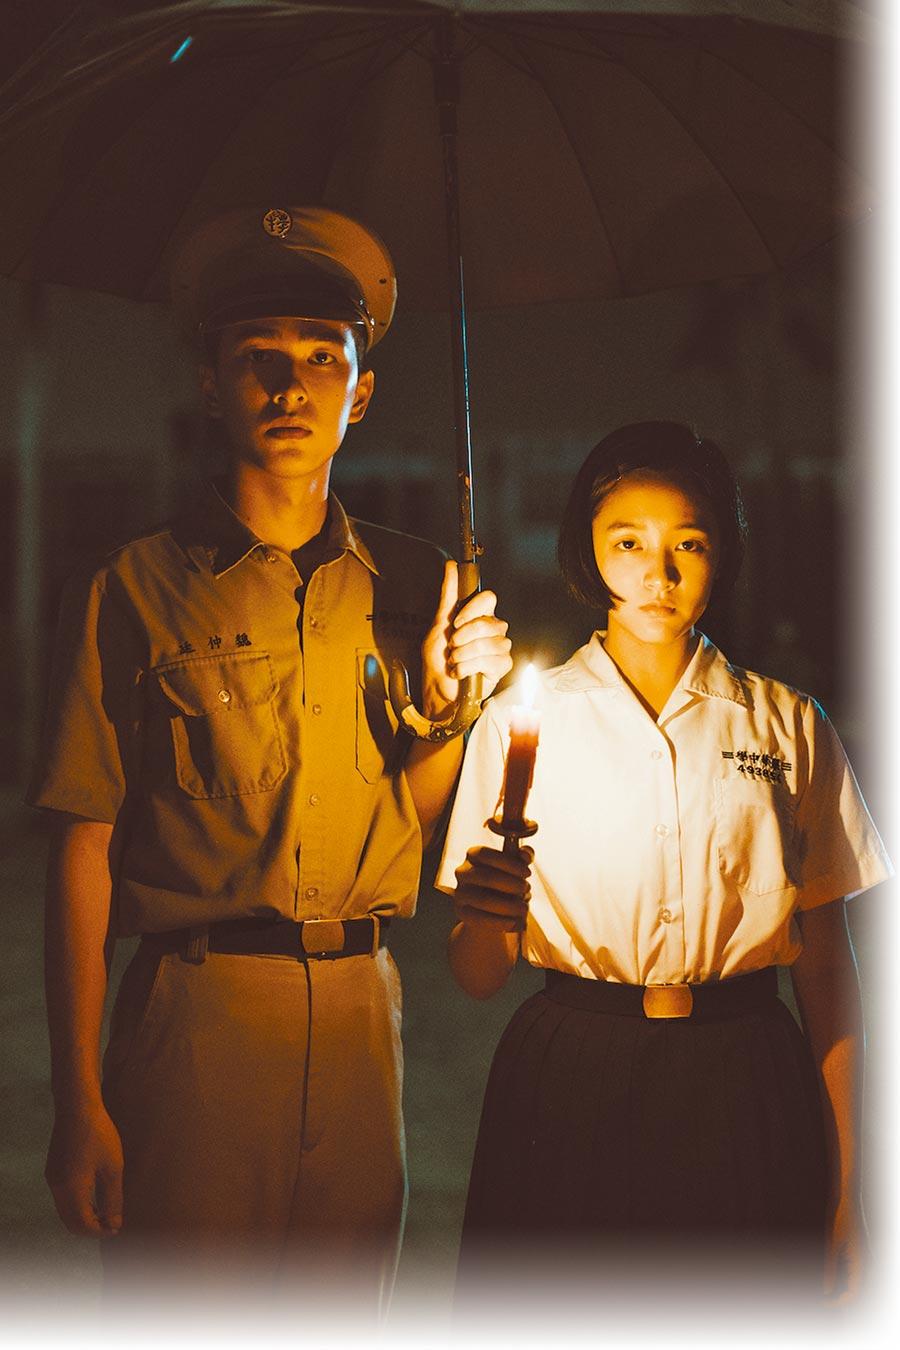 電影《返校》王淨(右)與曾敬驊擔任主角備受矚目。(影一製作所提供)